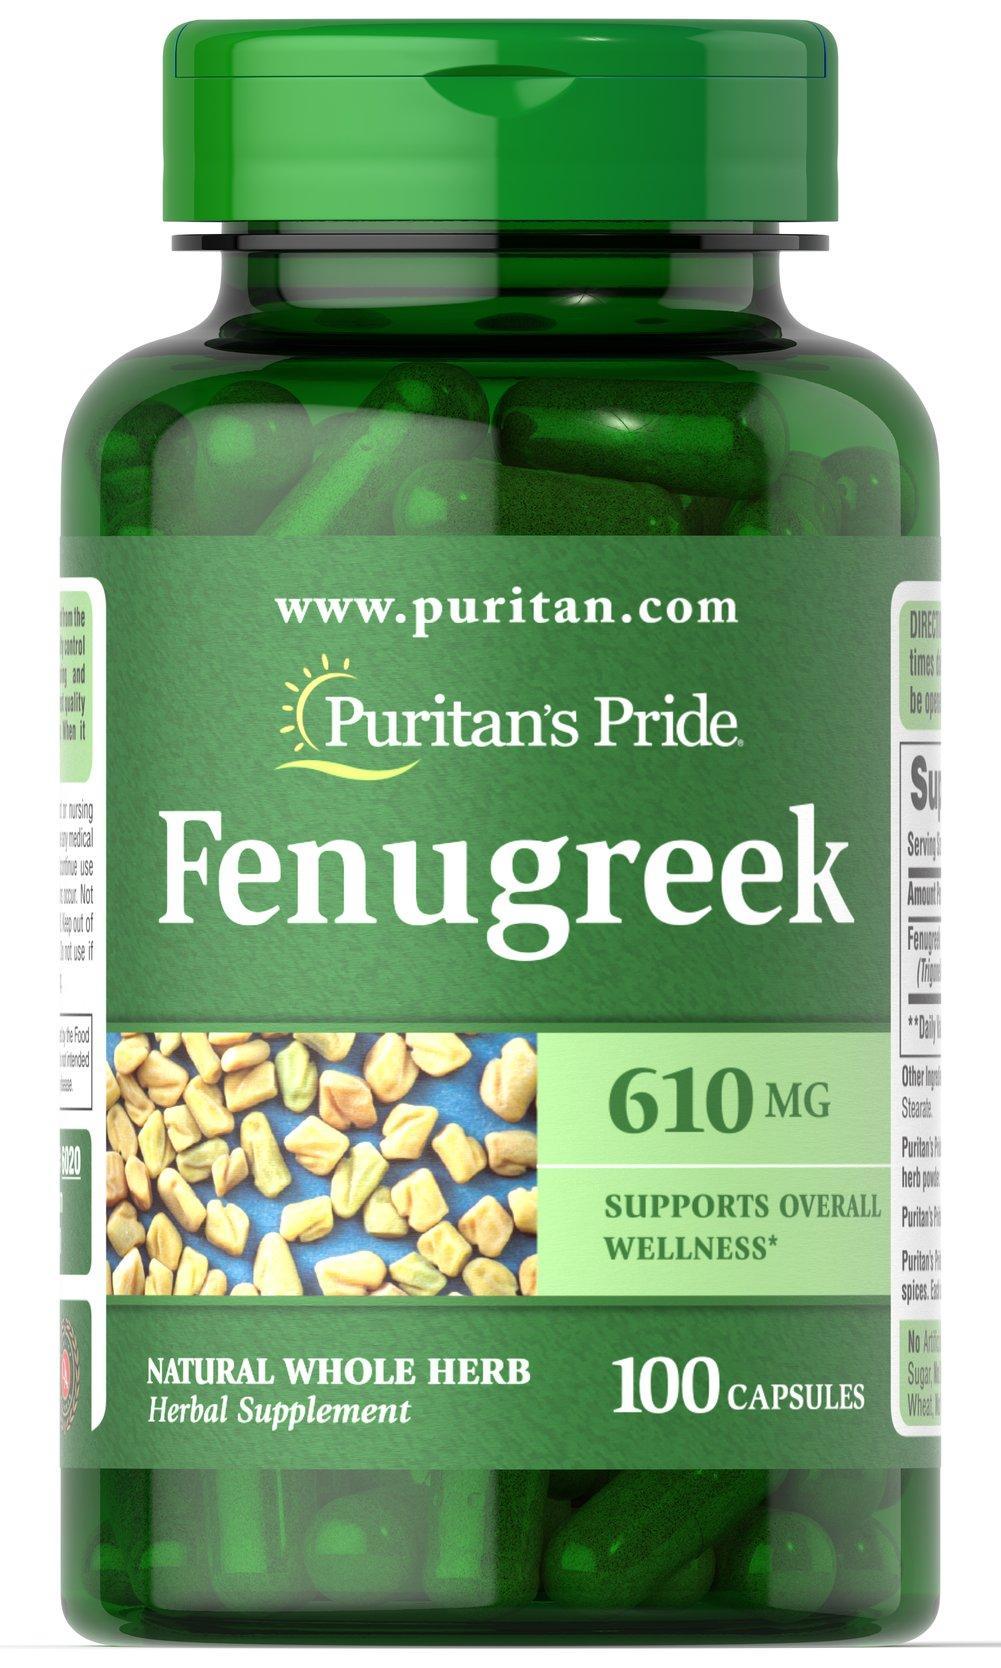 Viên uống lợi sữa cho mẹ thiếu sữa cho con FenuGreek 610mg 100 viên của Puritans Pride nhập khẩu